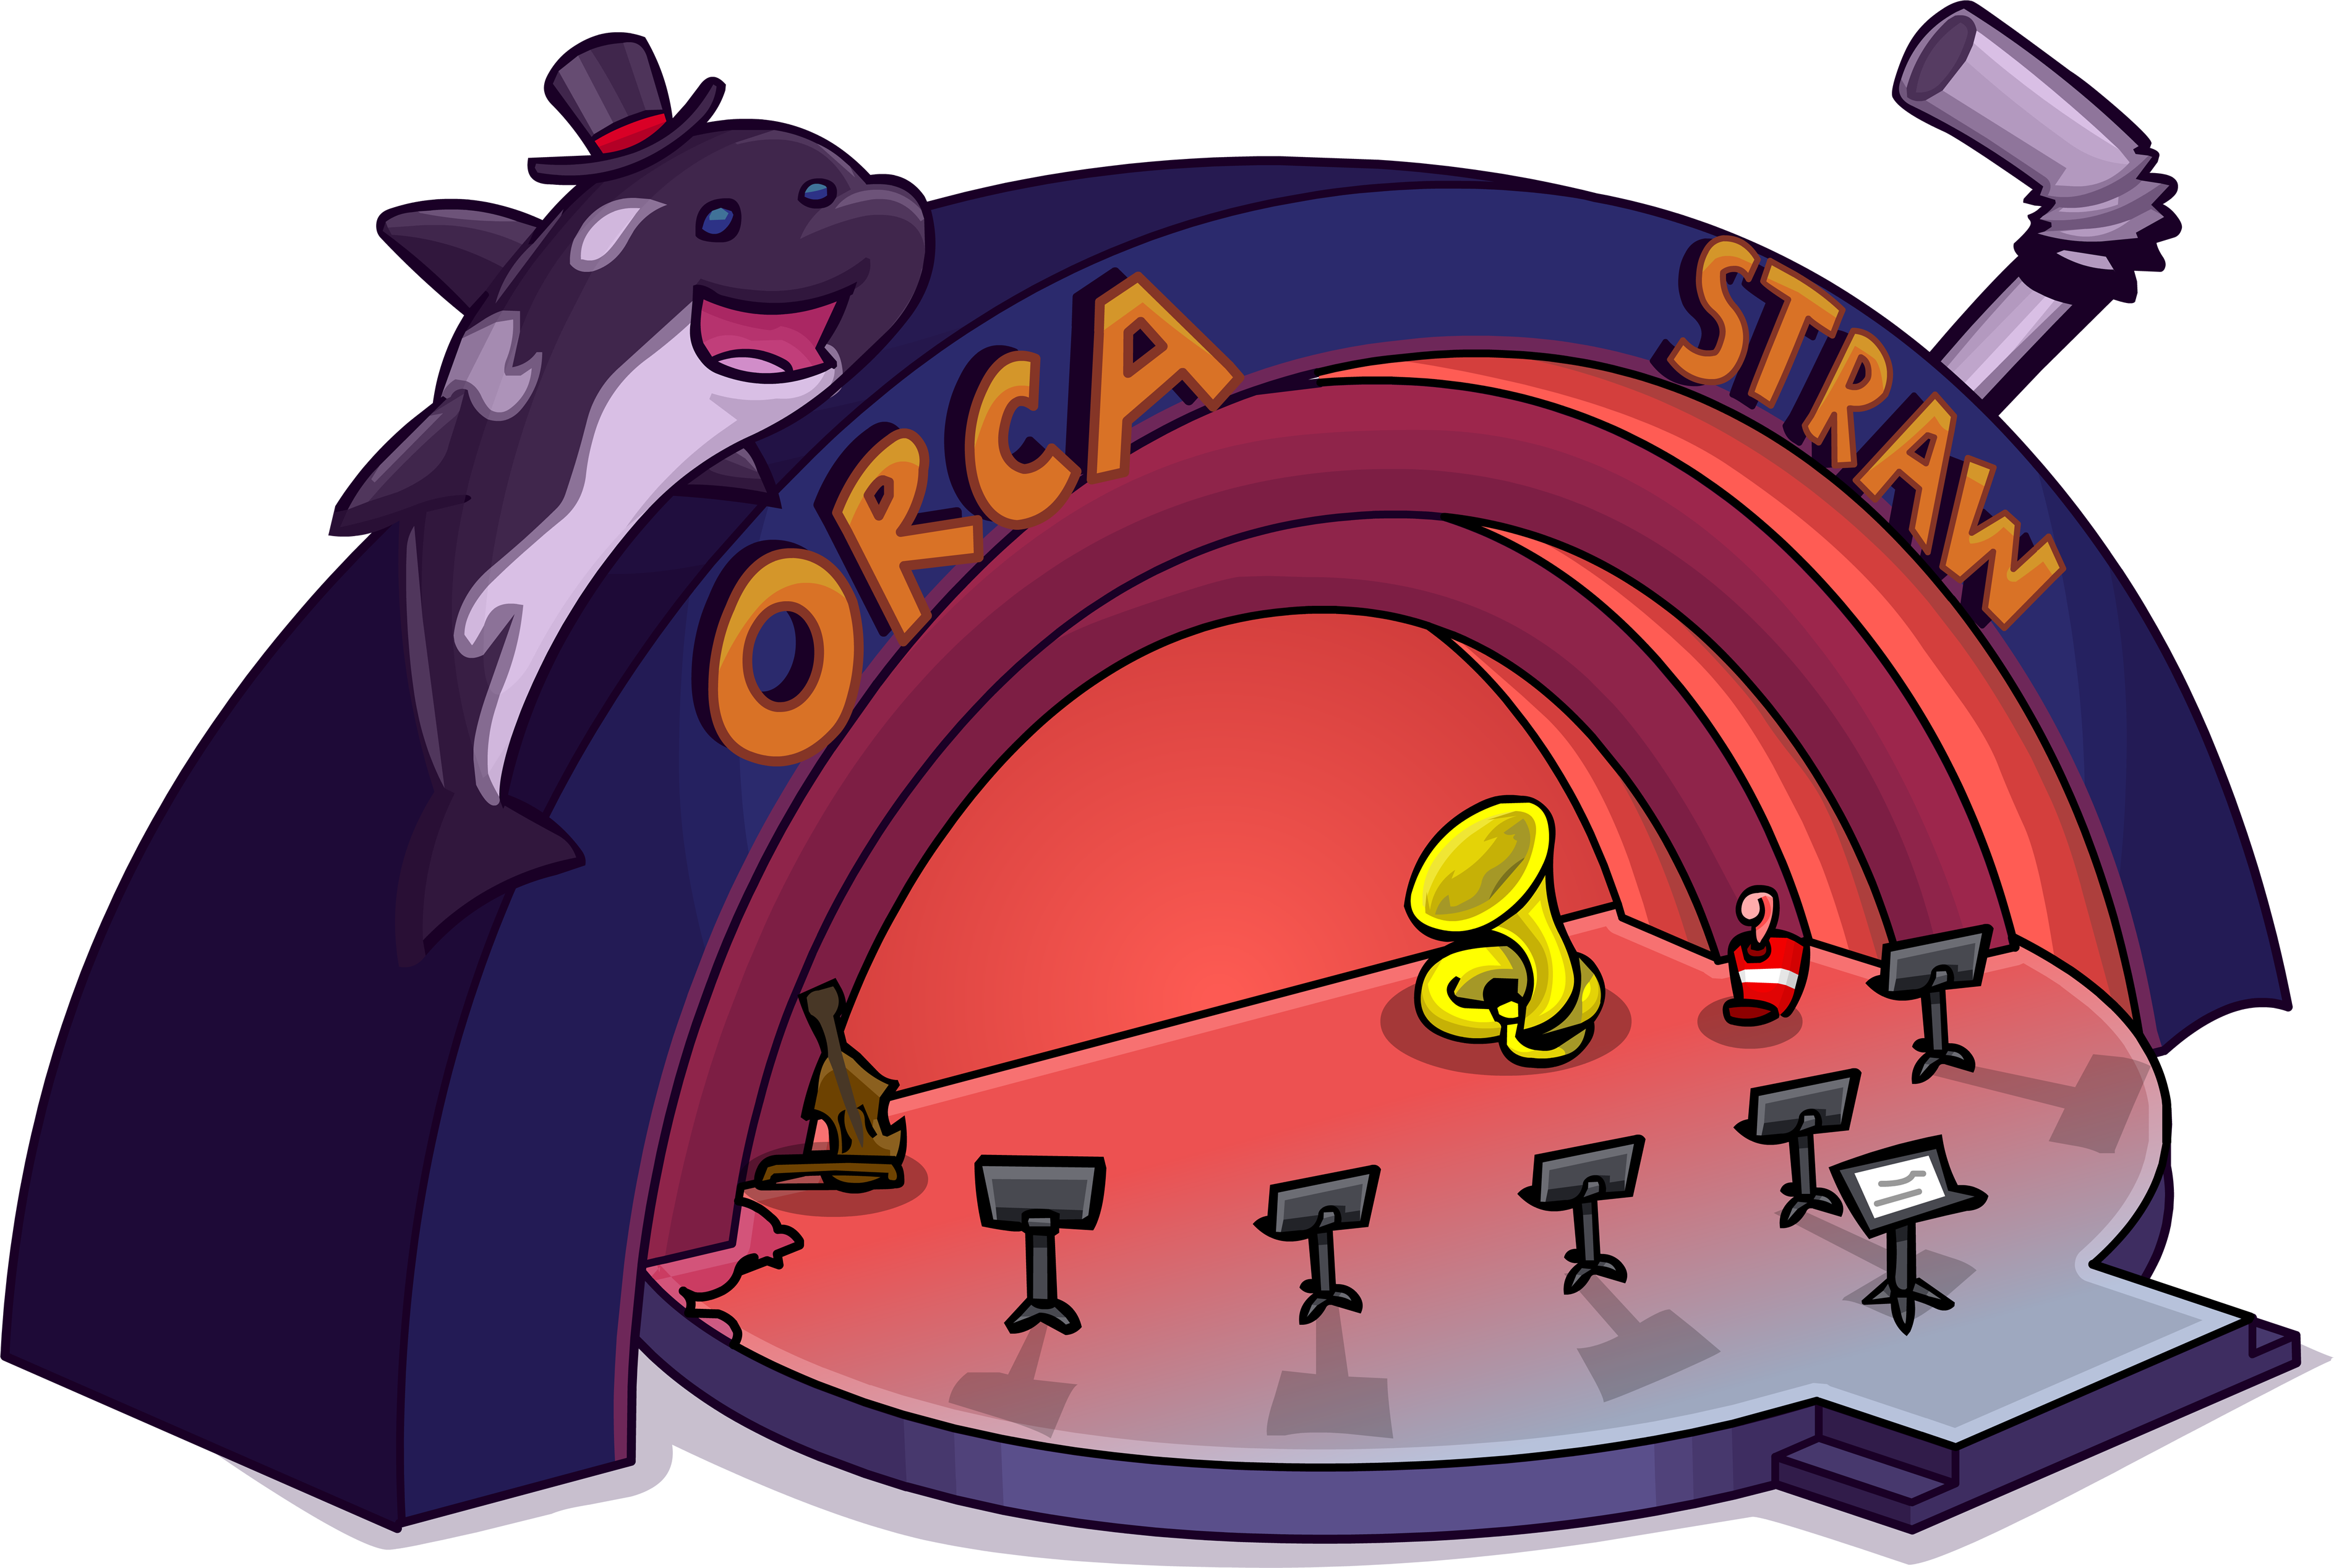 Orca Straw